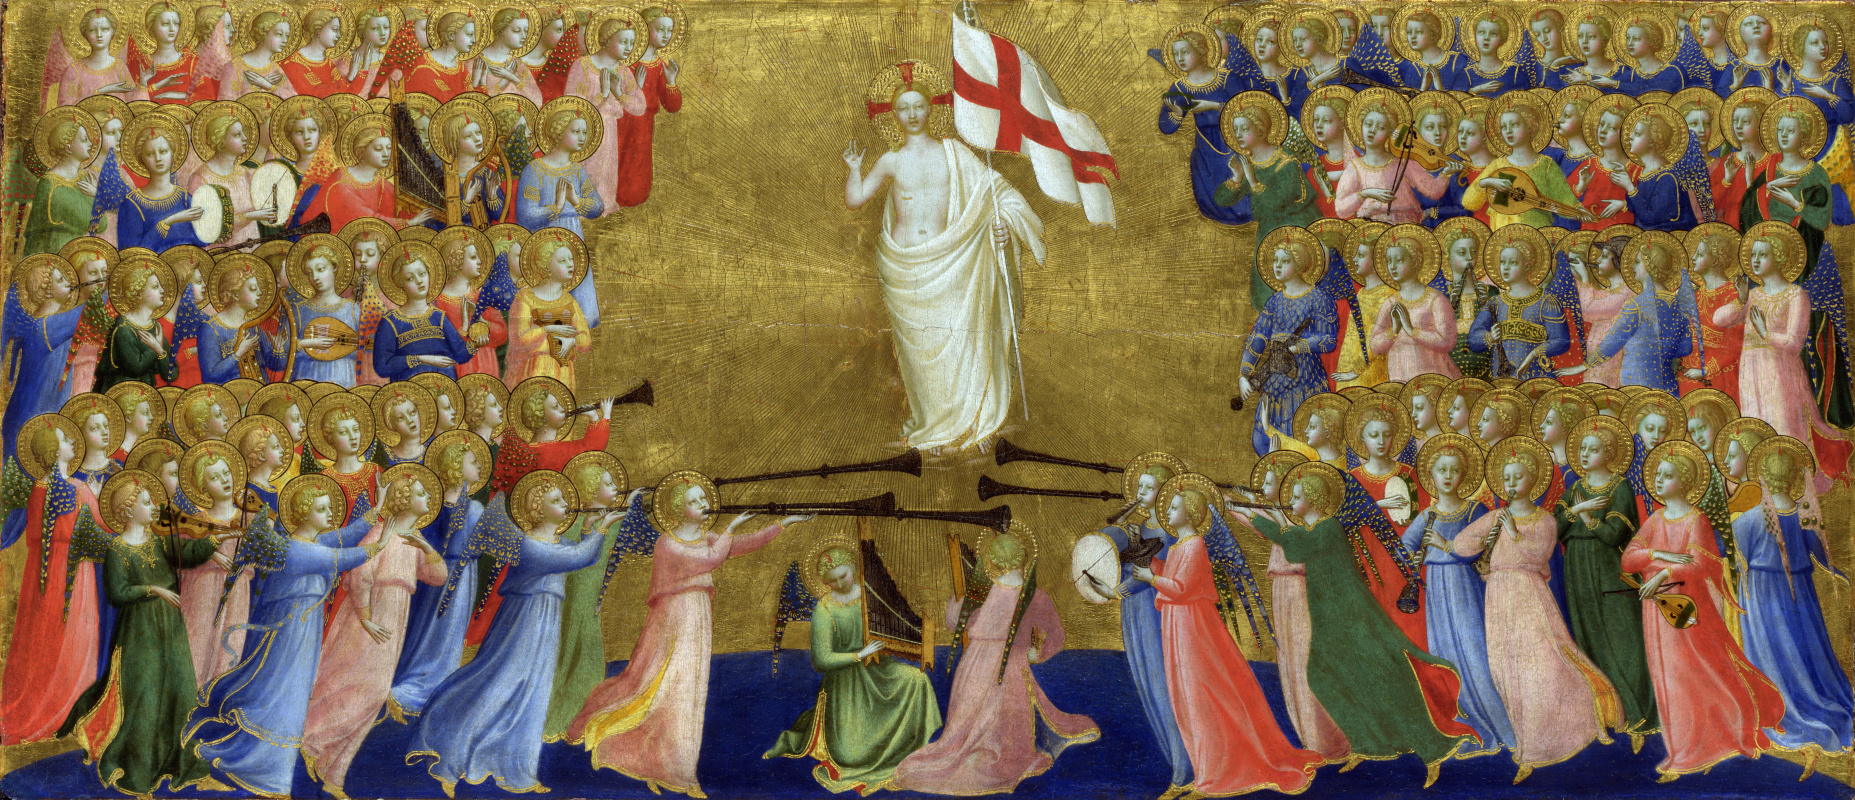 Фра Беато Анджелико. Христос прославляется в суде небес